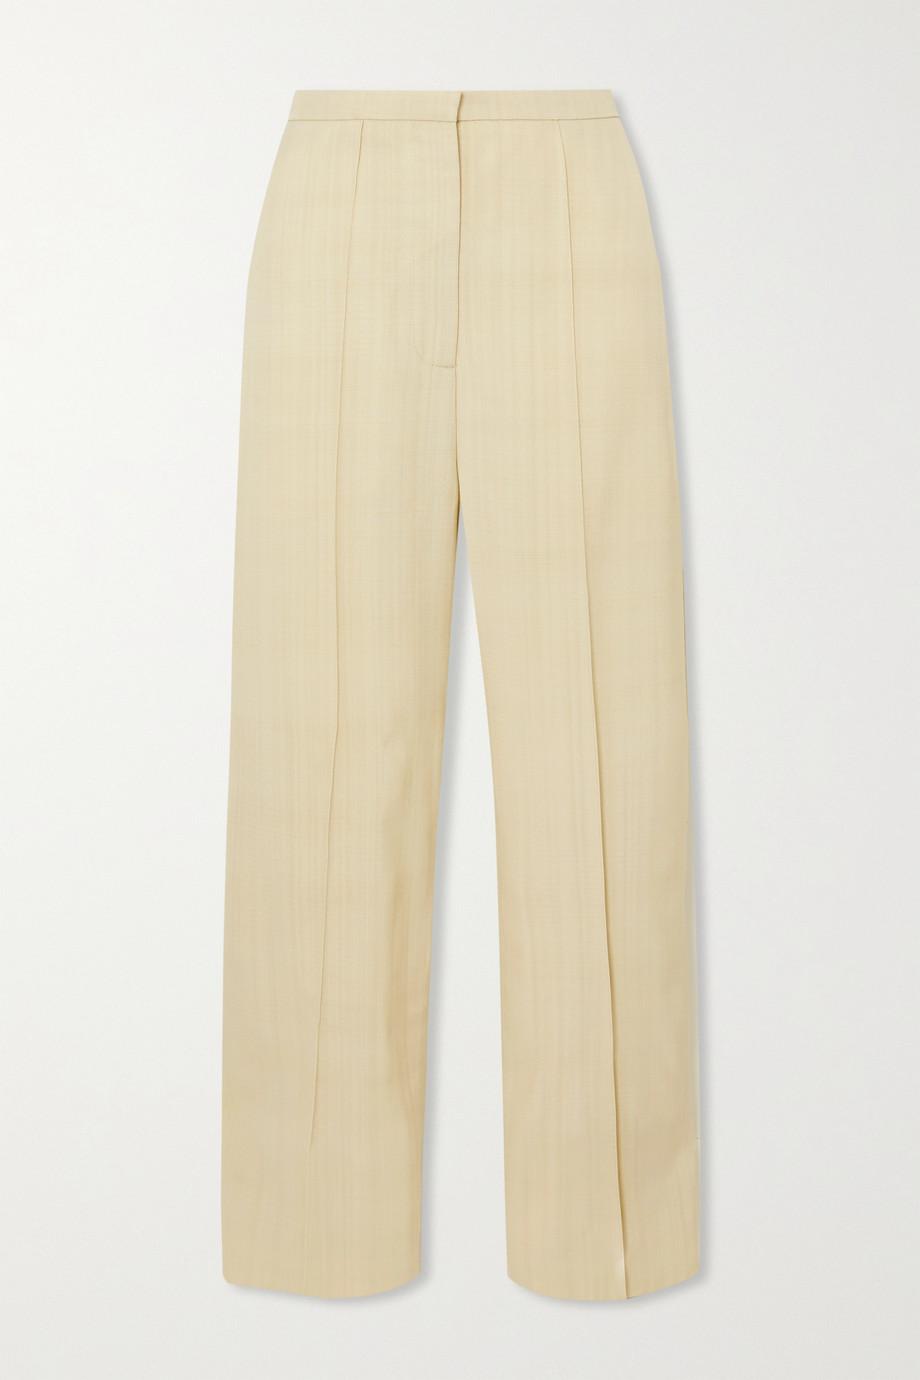 Totême Pine woven wide-leg pants